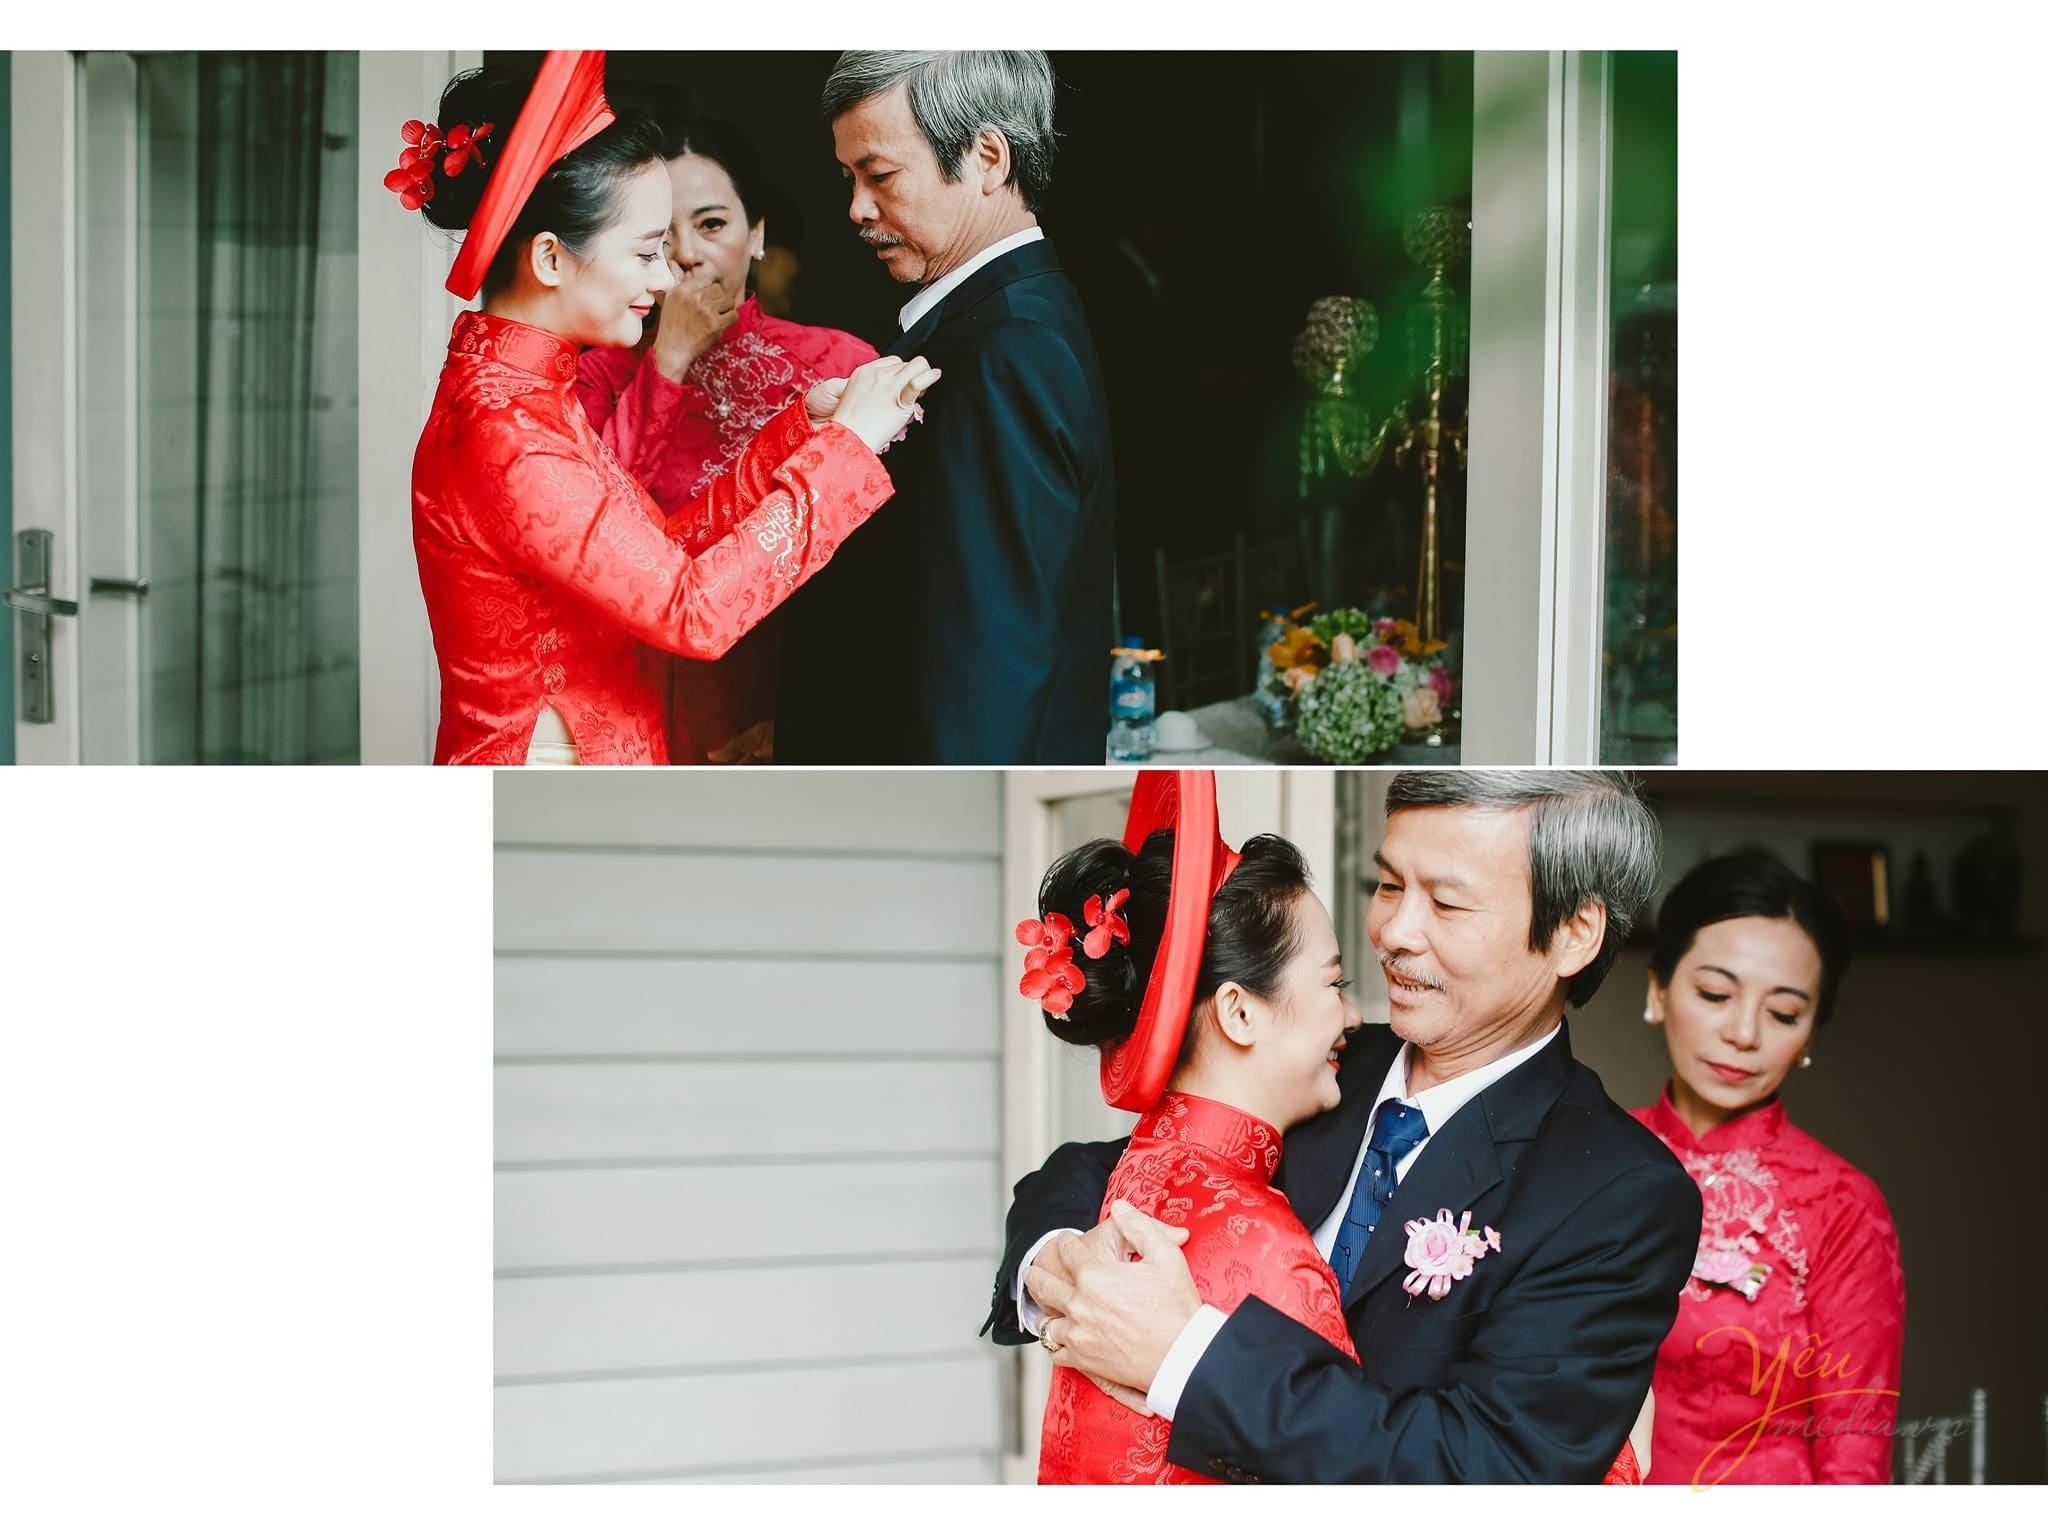 con gái cài hoa lên áo cho ba trước khi đón dâu